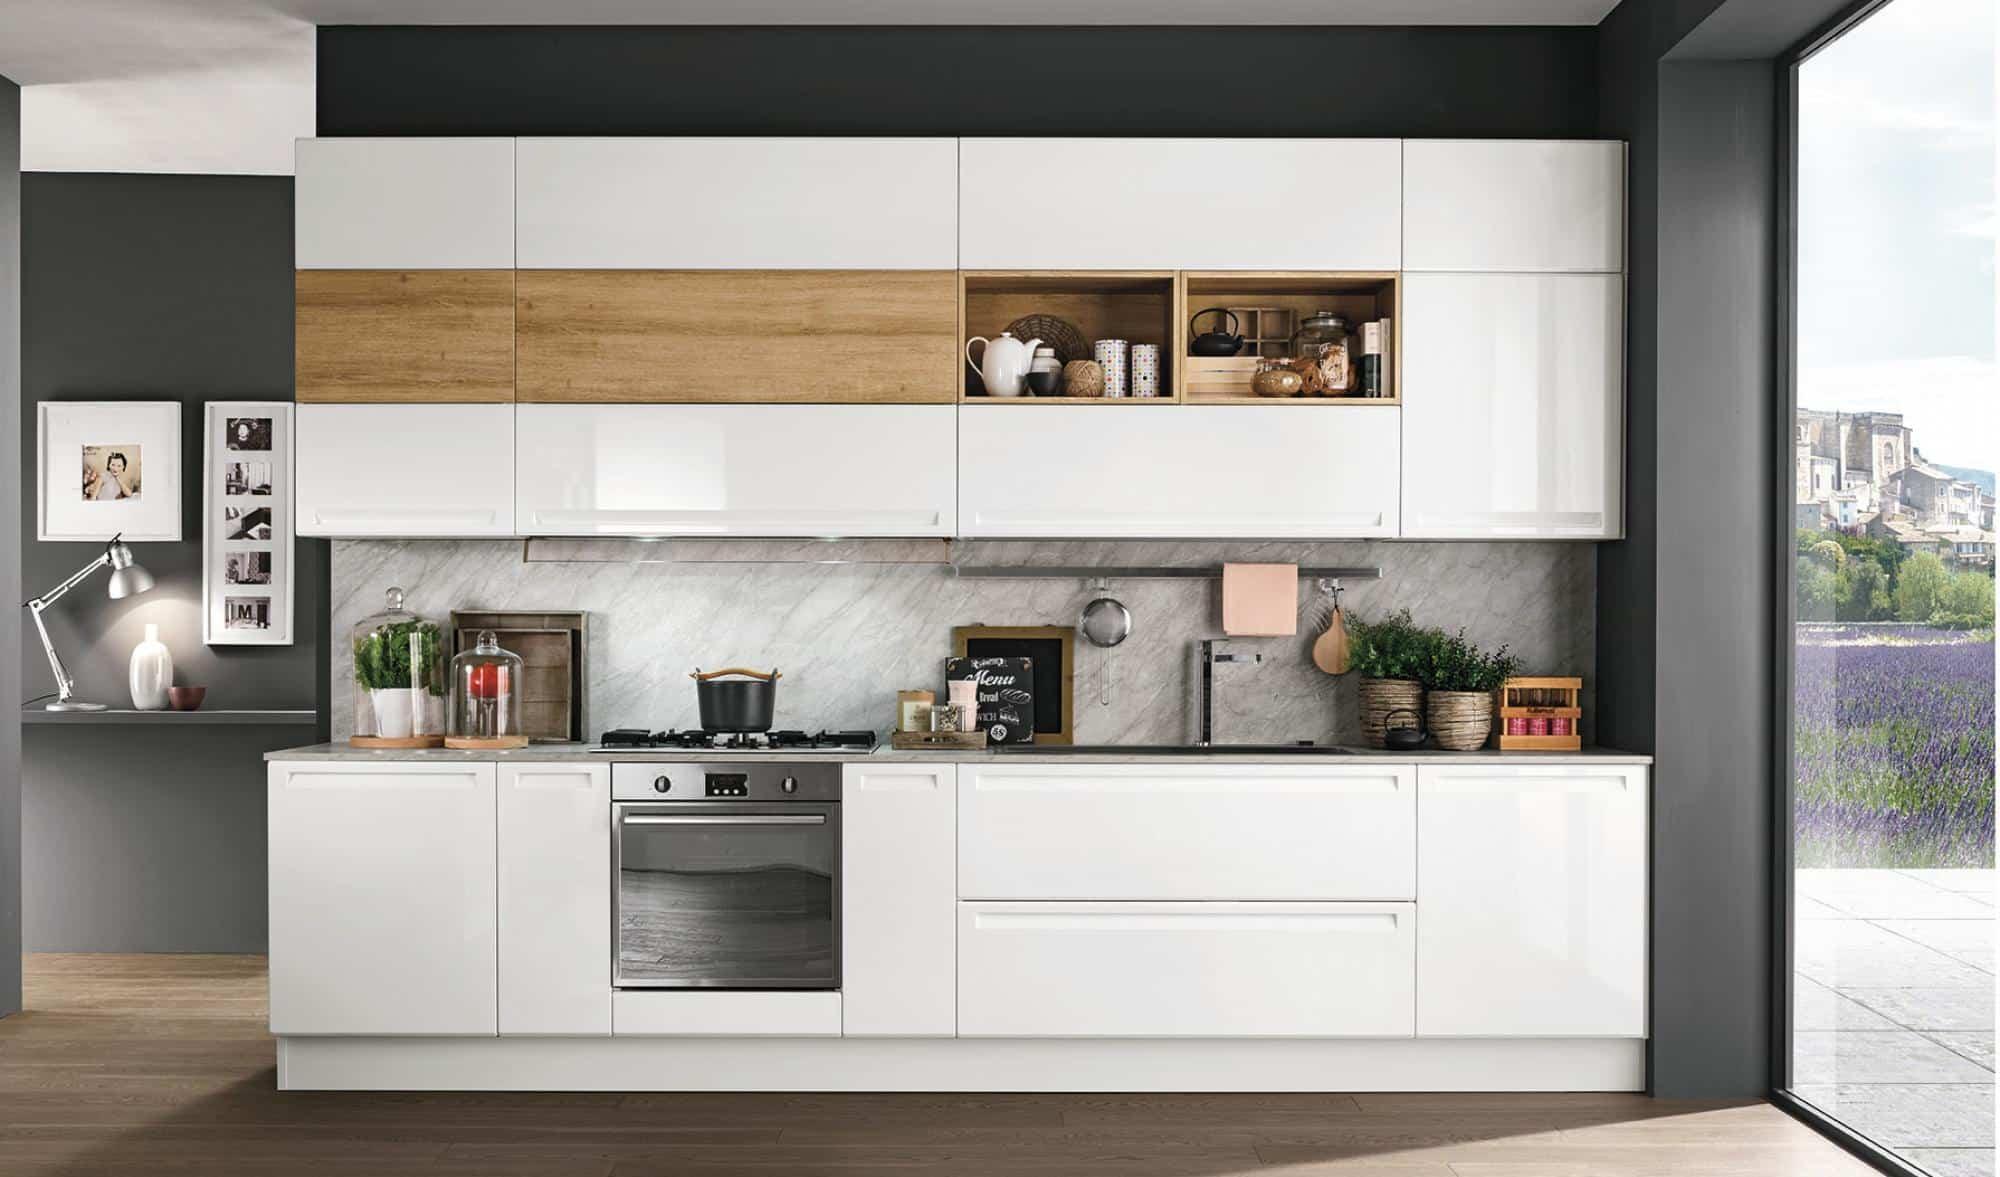 Κουζίνα ματ πολυμερες Isla λευκό και φυσικο χρωματισμο πολυμερικο με ενσωματωμενη λαβη και ρετρο υφος